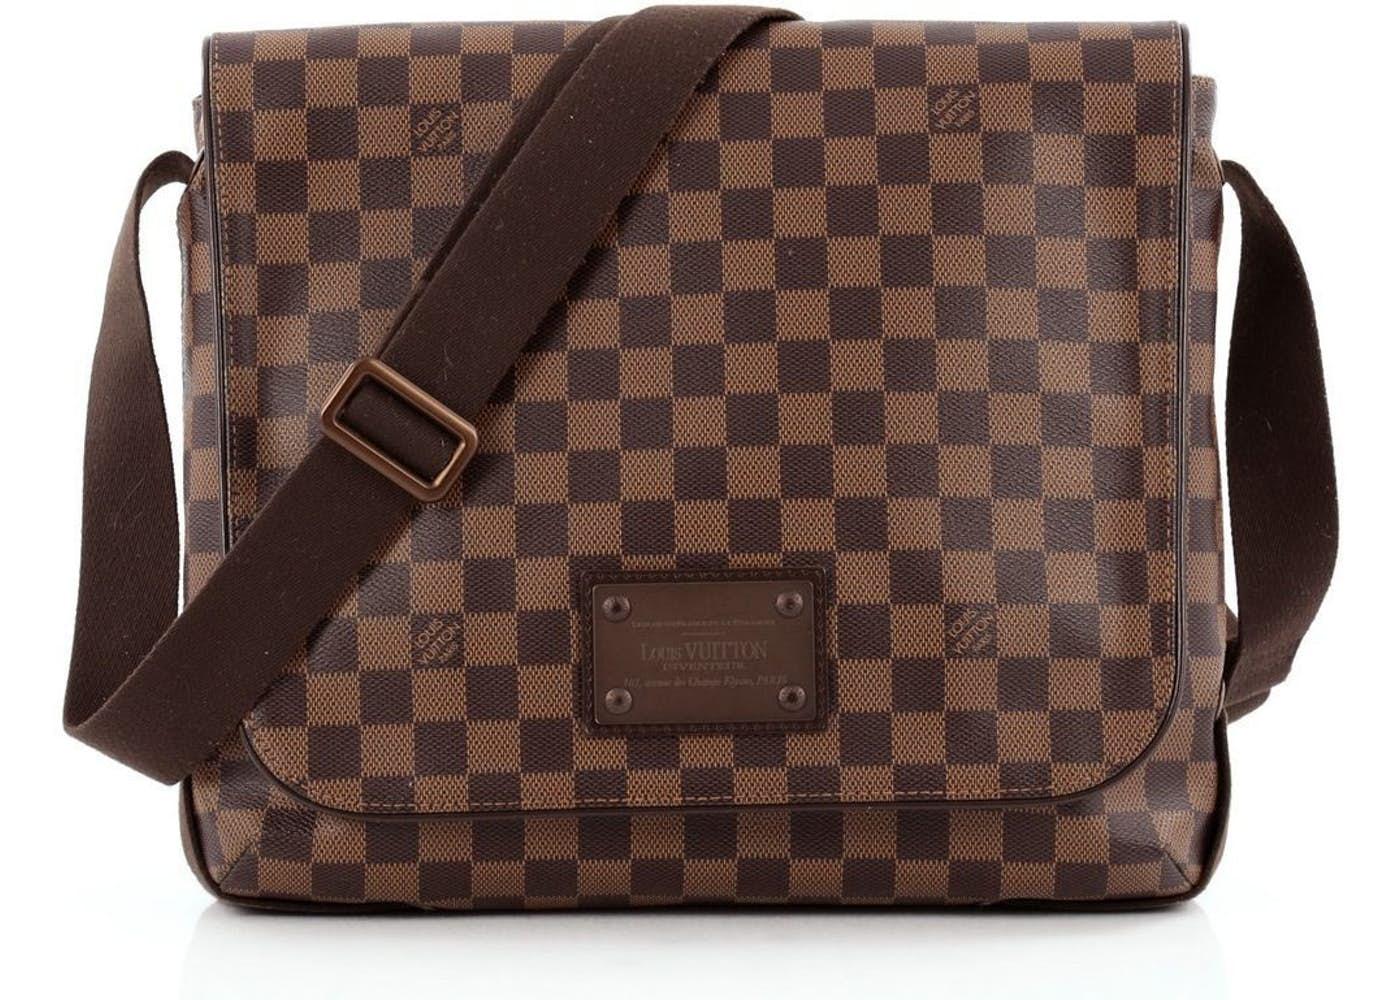 3180e602f95b3 Louis Vuitton Brooklyn Mm Damier Messenger Bag